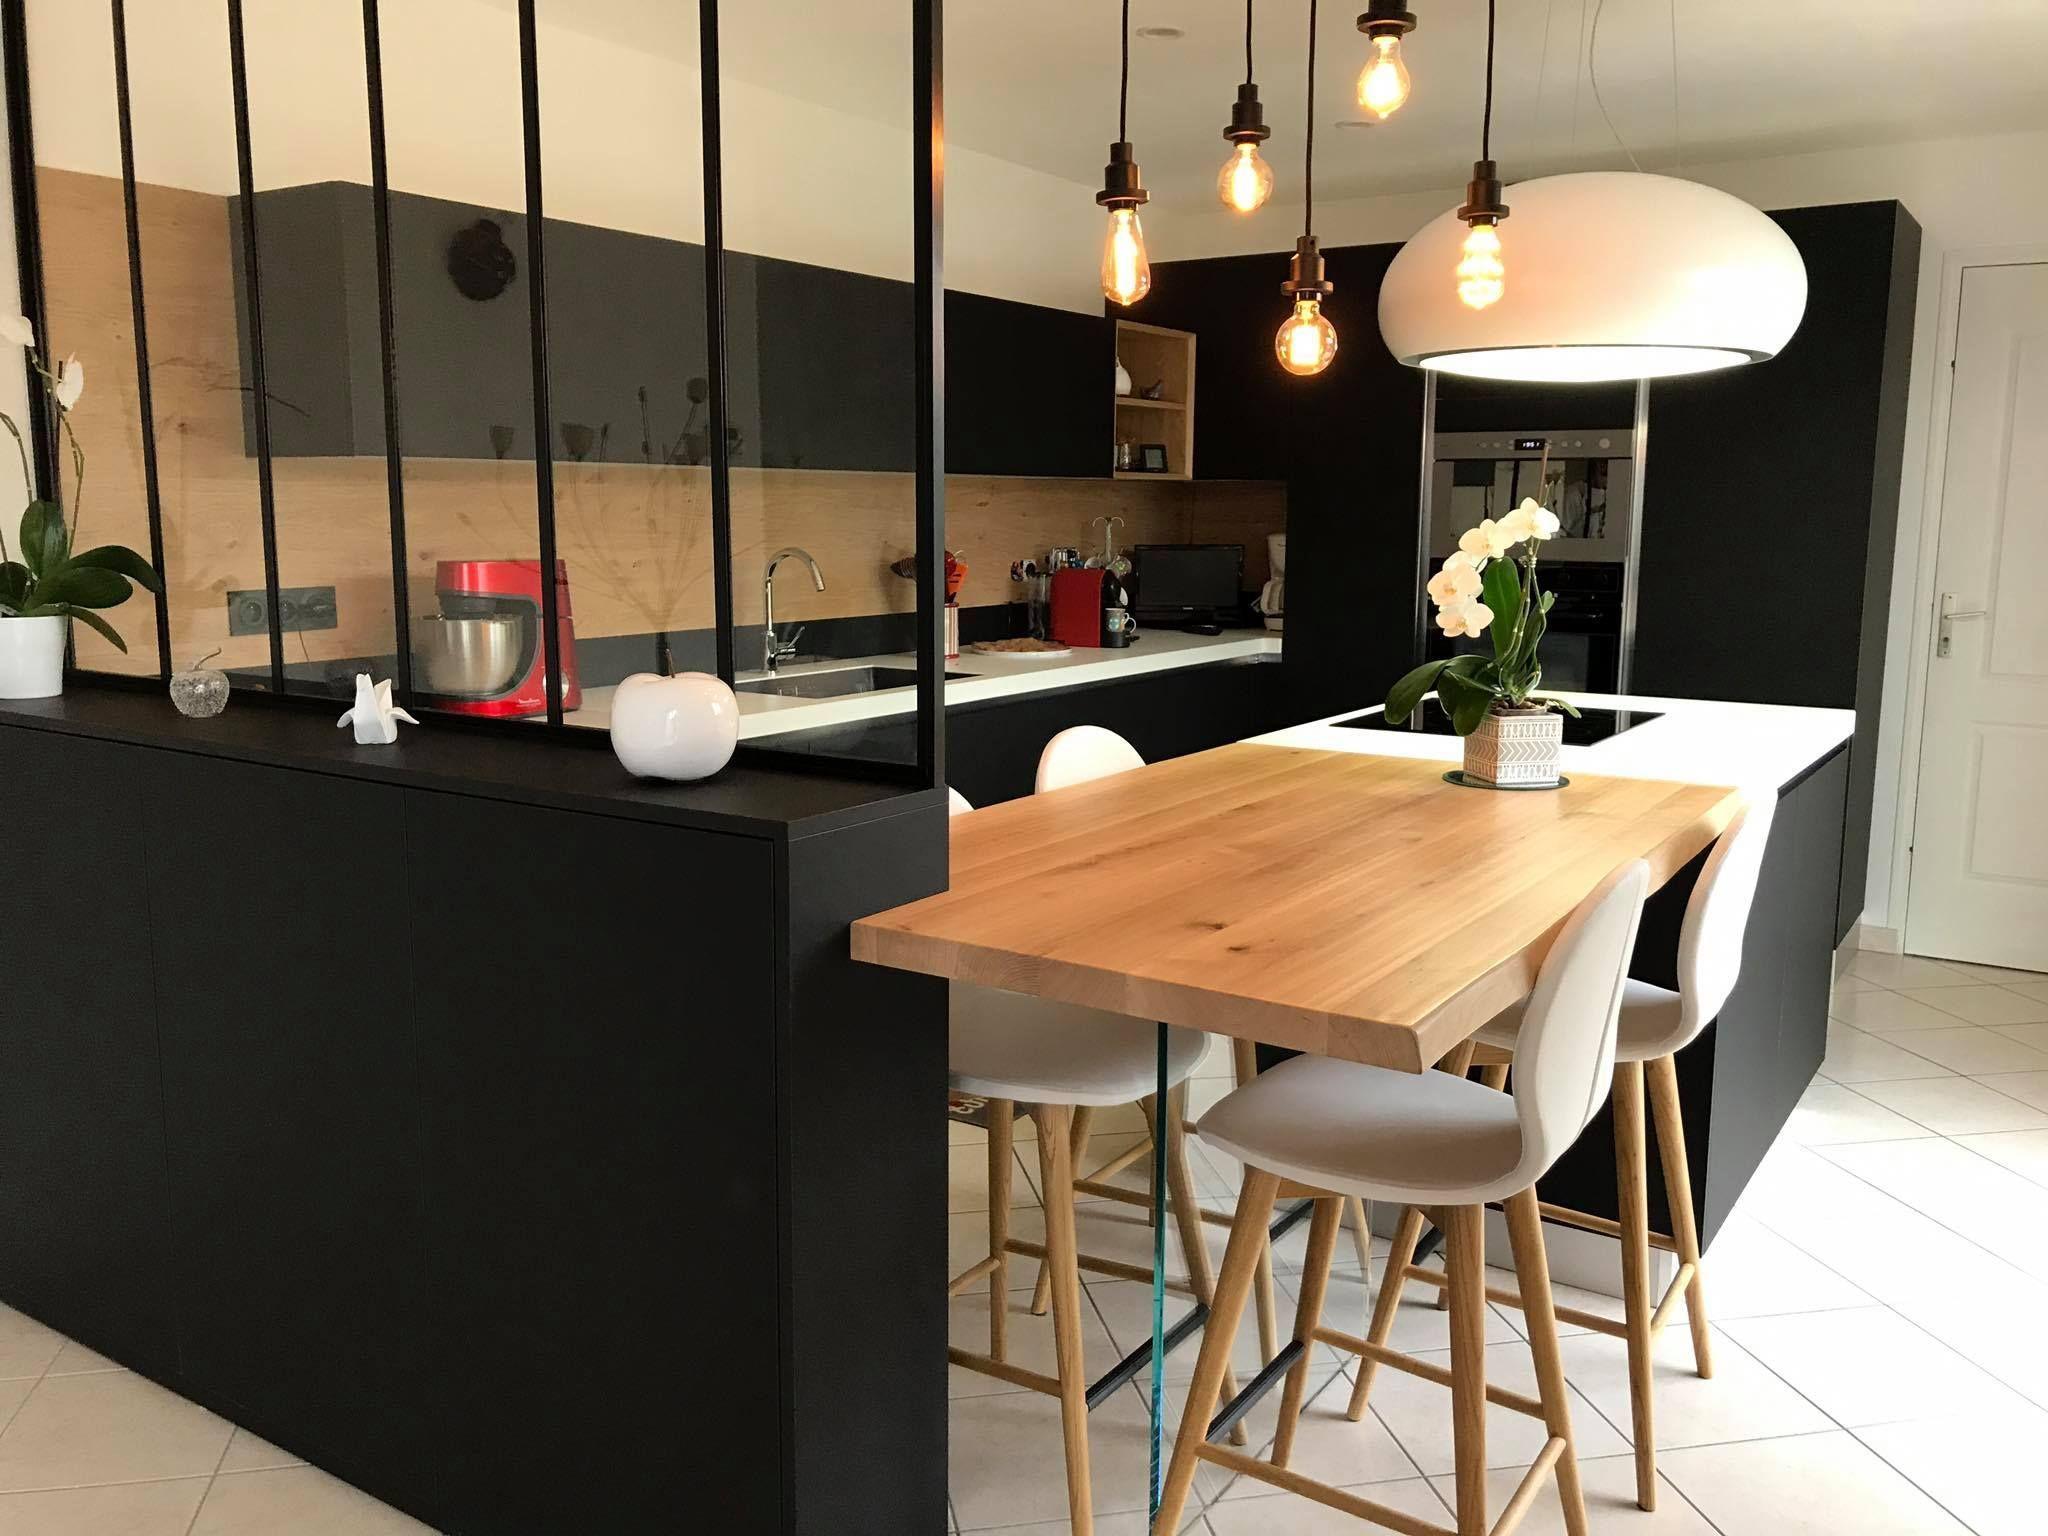 Meine Einkaufsliste Meine Auswahl Fur Ihre Kuche Kitchen Room Design Modern Kitchen Design Kitchen Without Handles